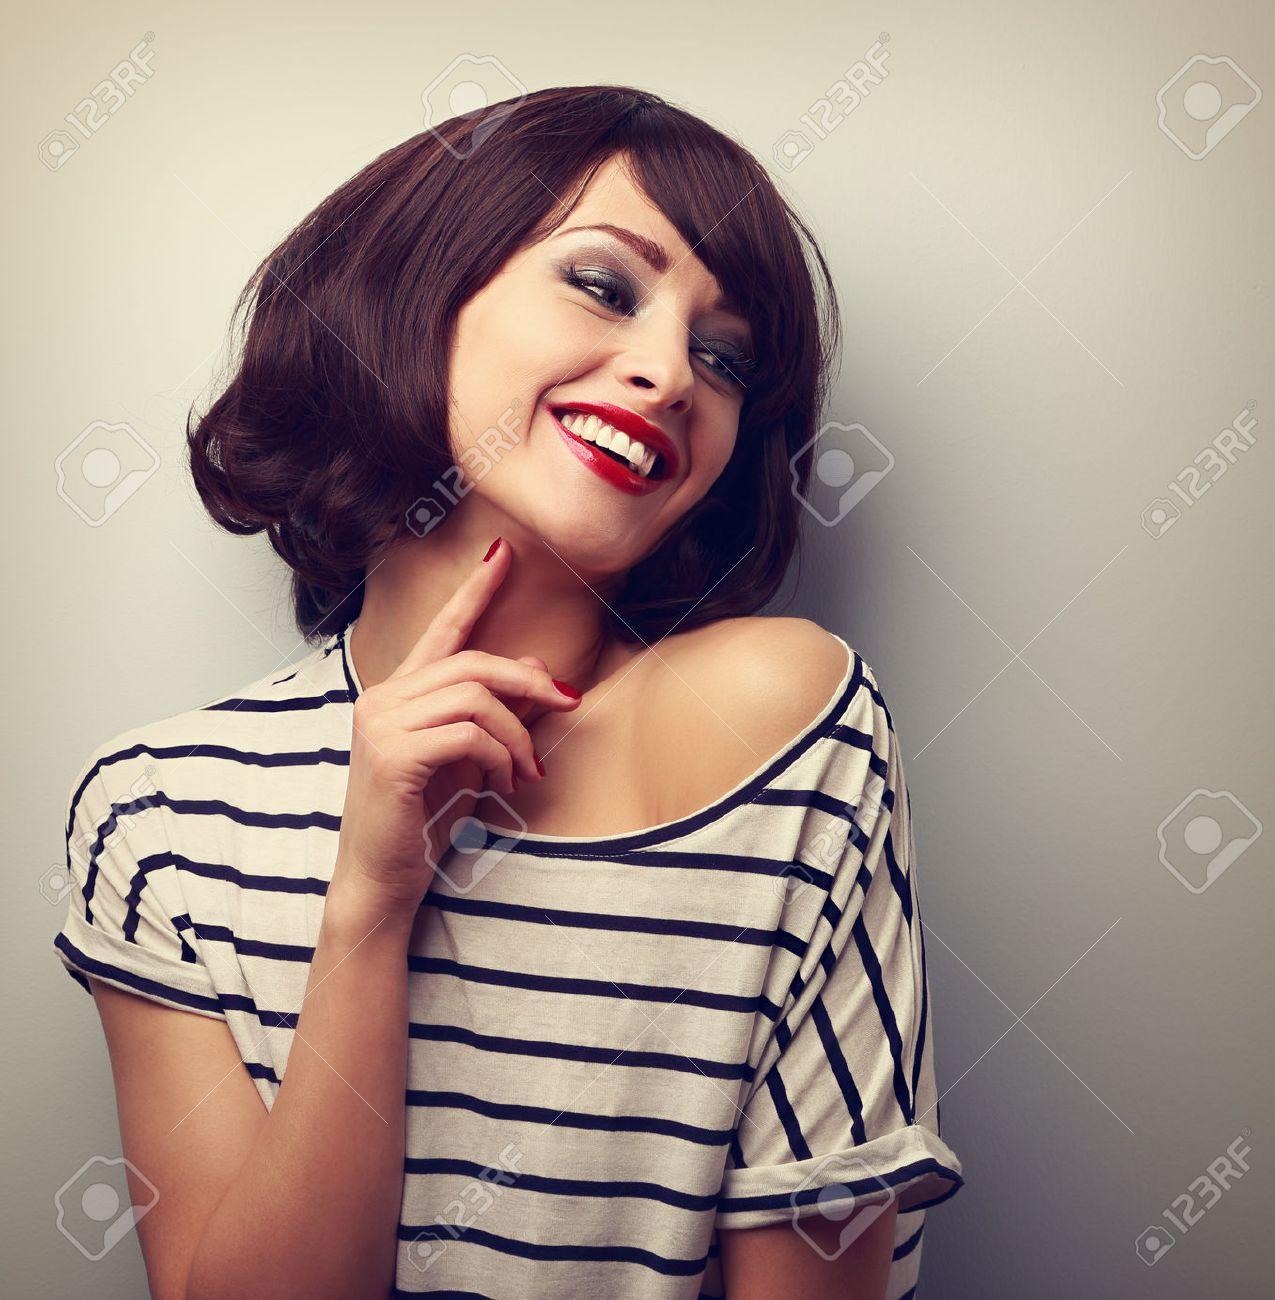 Glückliche Lachende Junge Frau Kurze Frisur In Mode Bluse Berühren